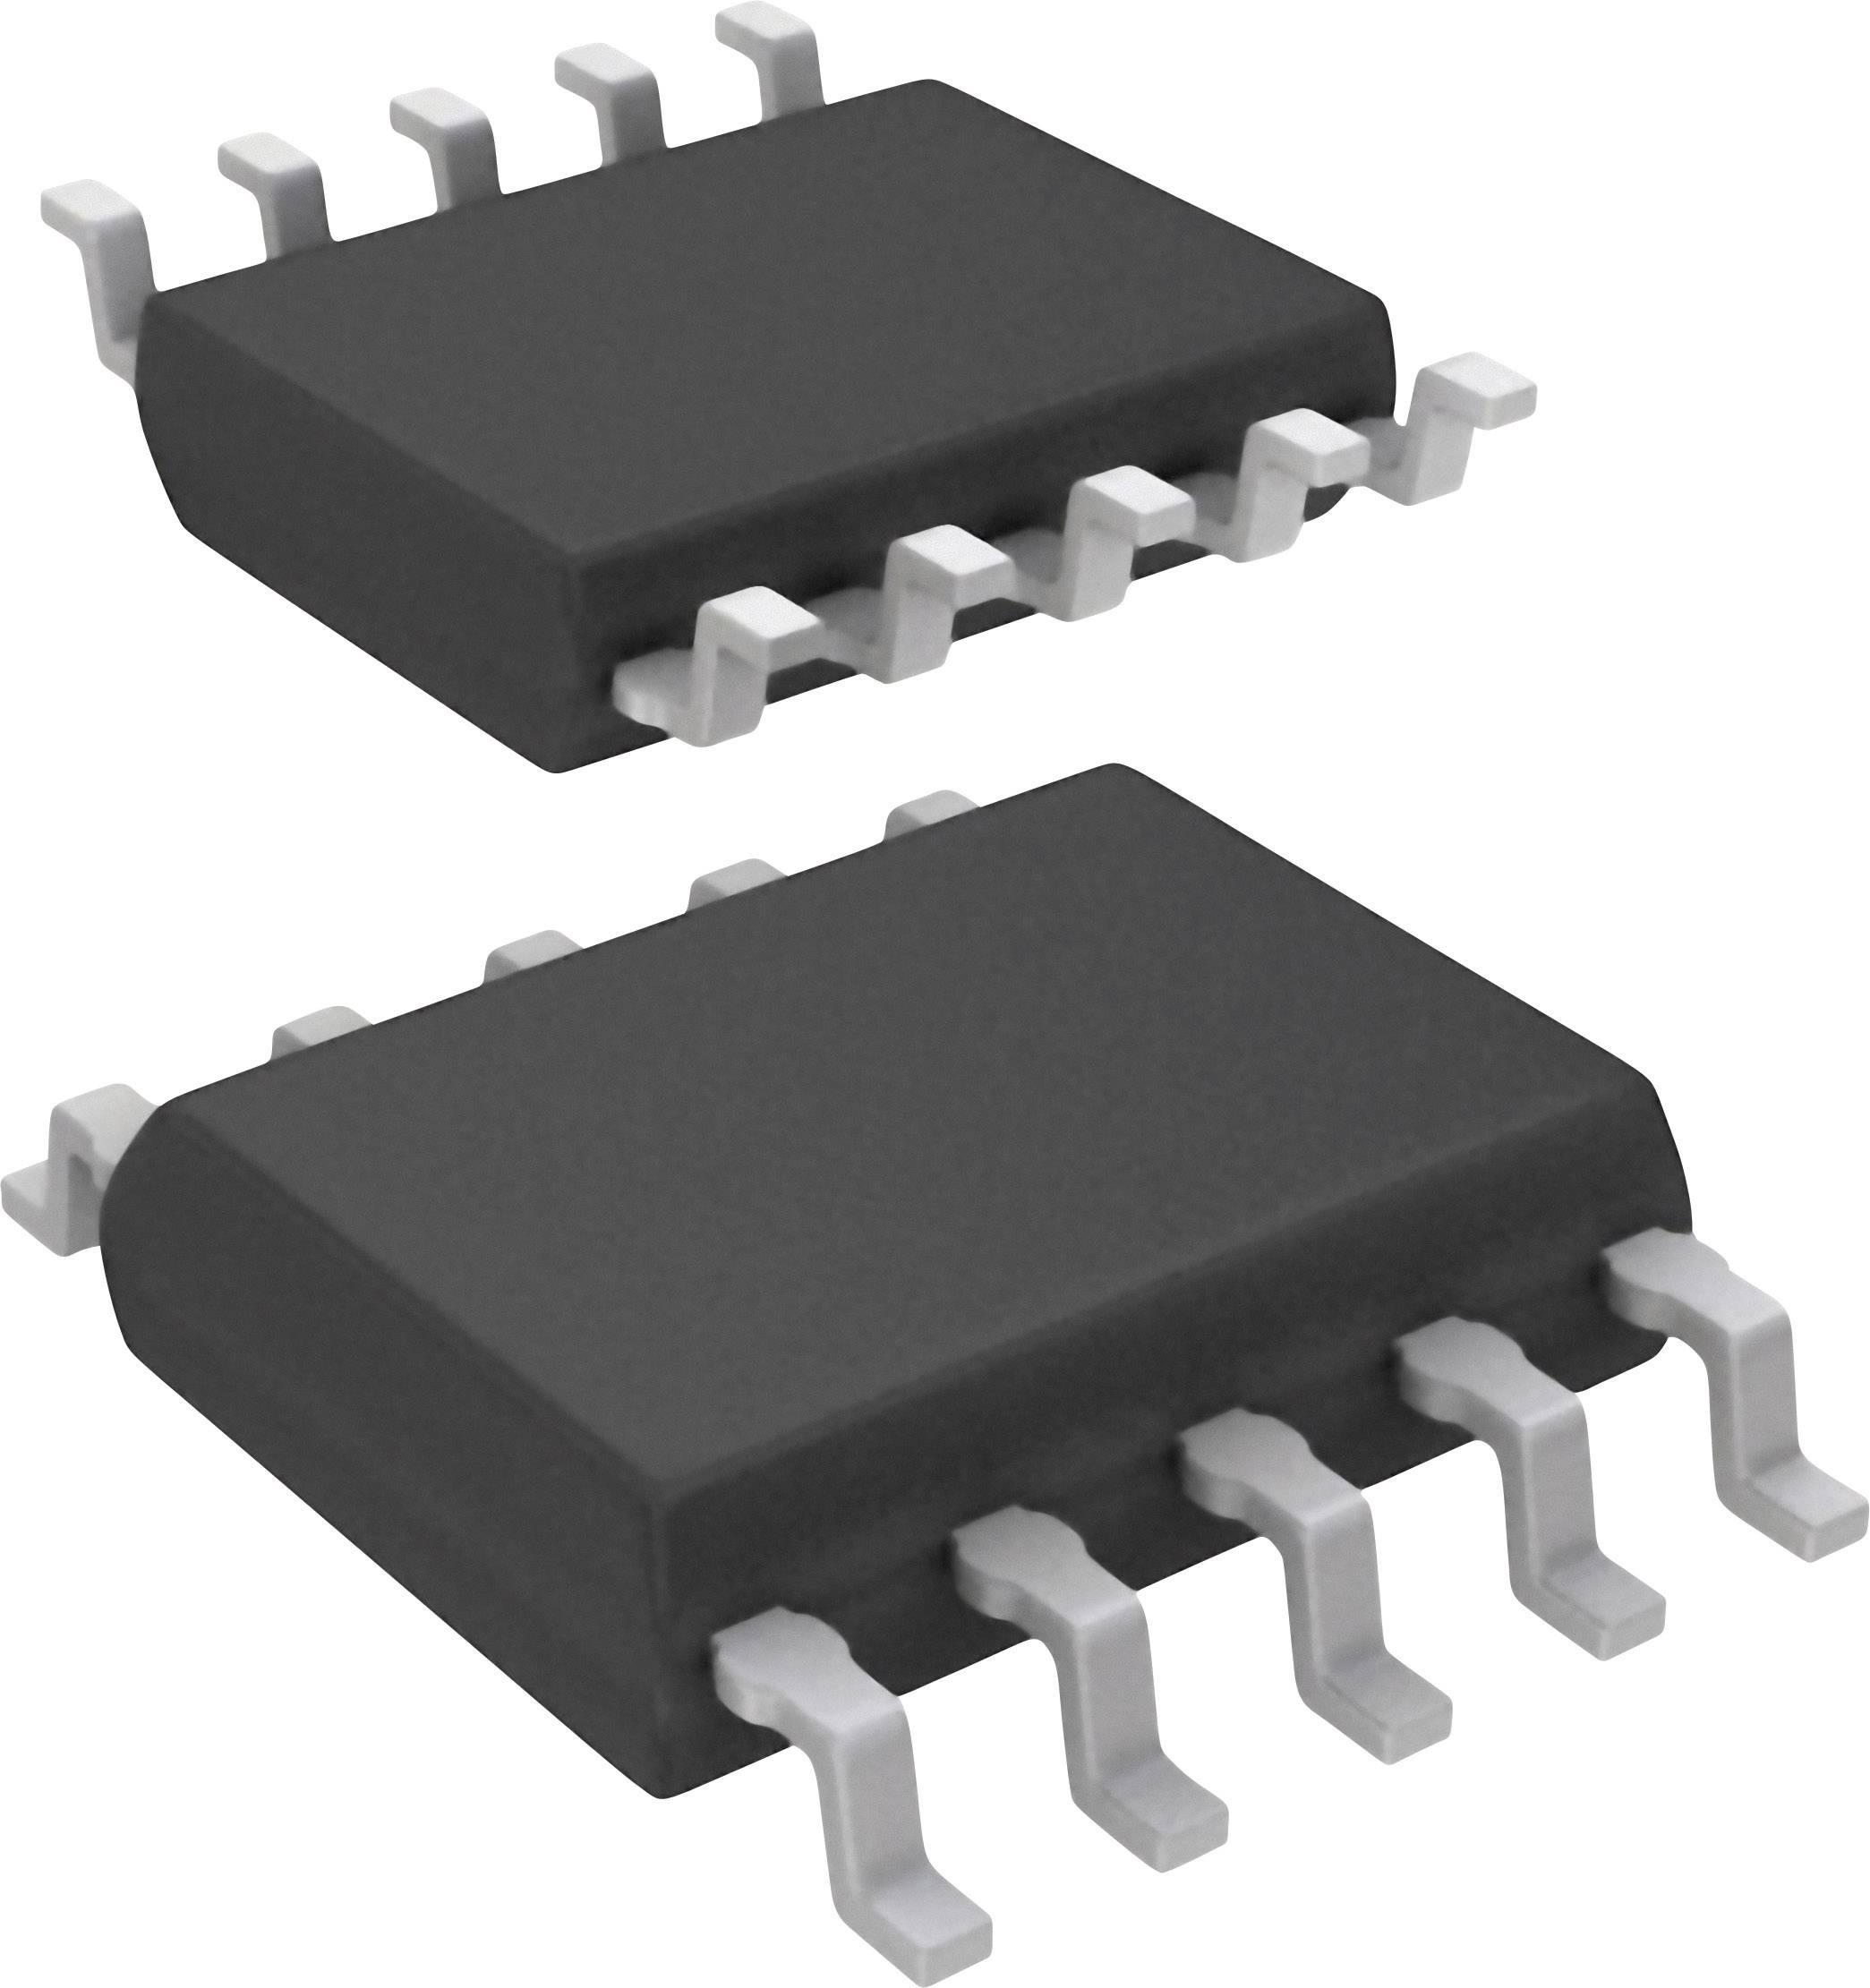 PMIC AC/DC měnič, offline přepínač STMicroelectronics VIPER06LSTR, SSO-10